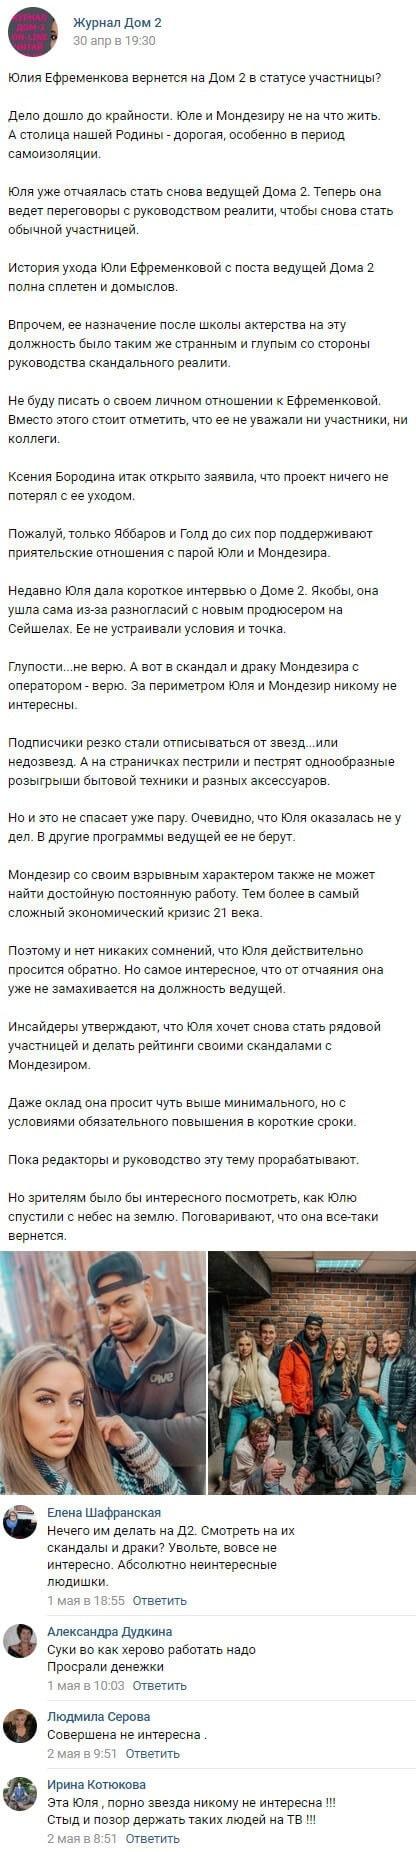 Юлию Ефременкову согласились вернуть на проект